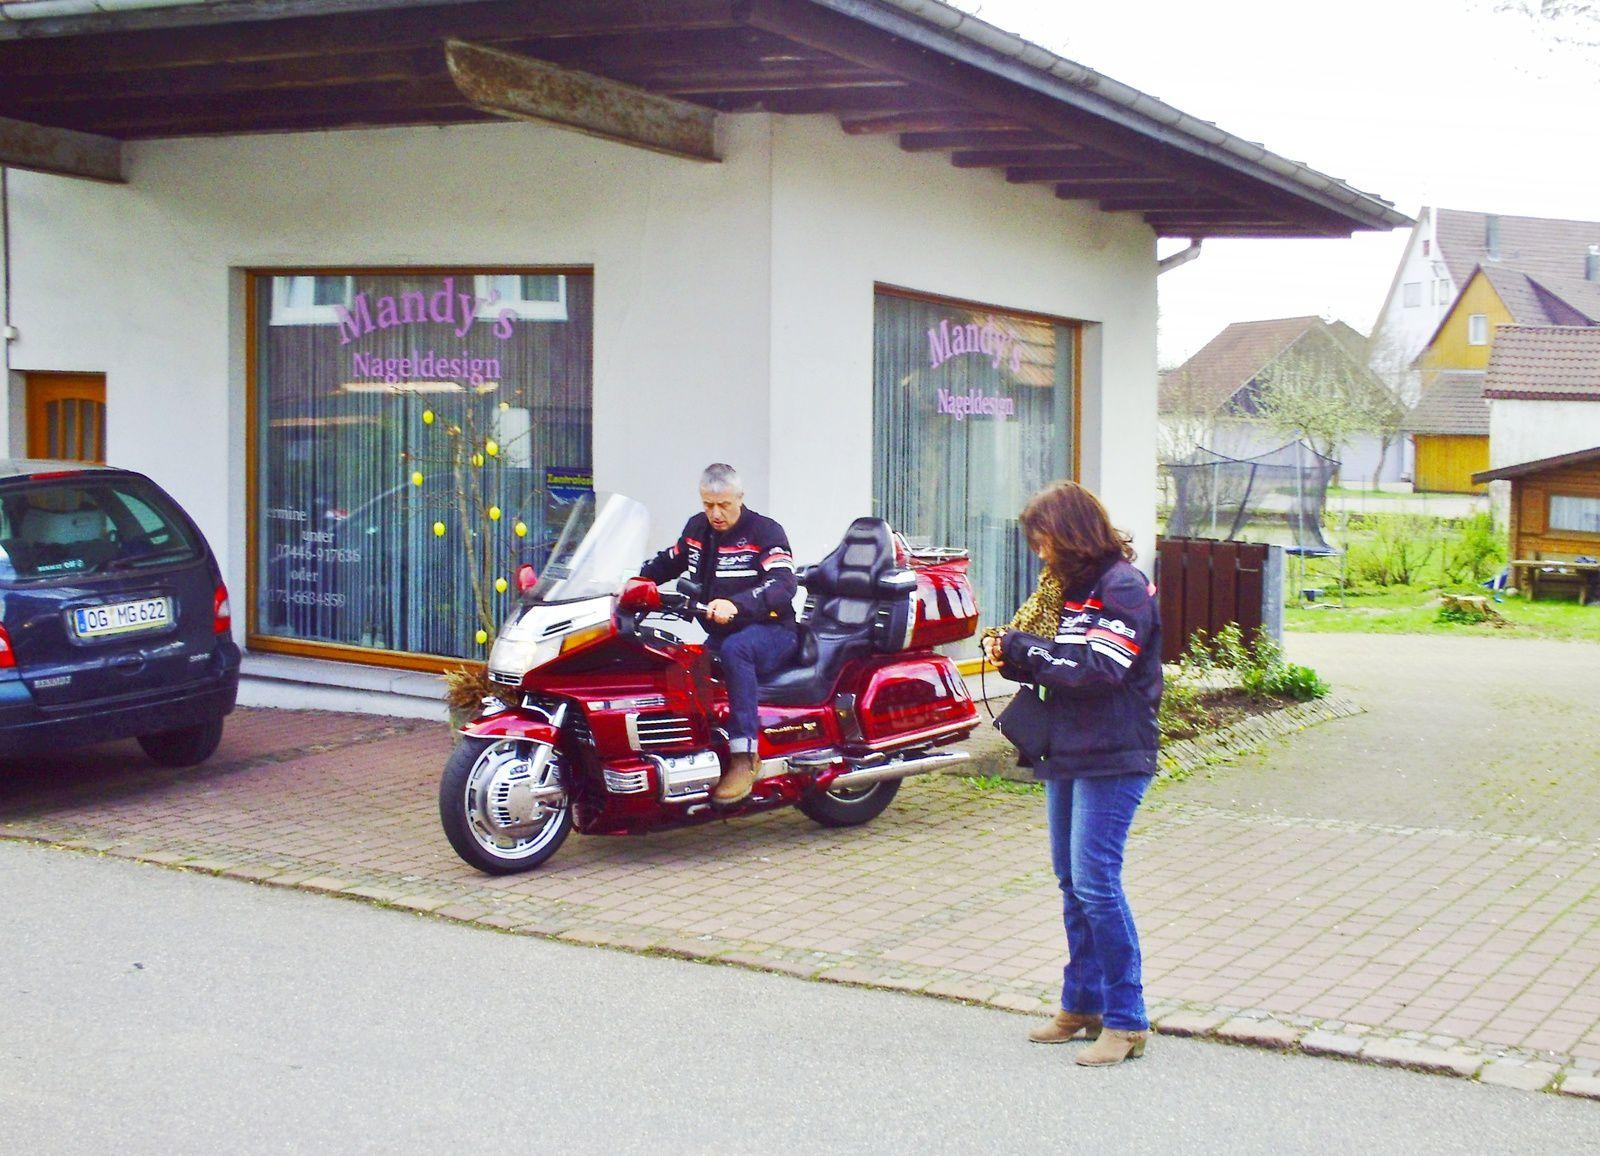 Goldwing - Ballade tout schuss vers la schwartzwald avec découverte de la goldwing kinder